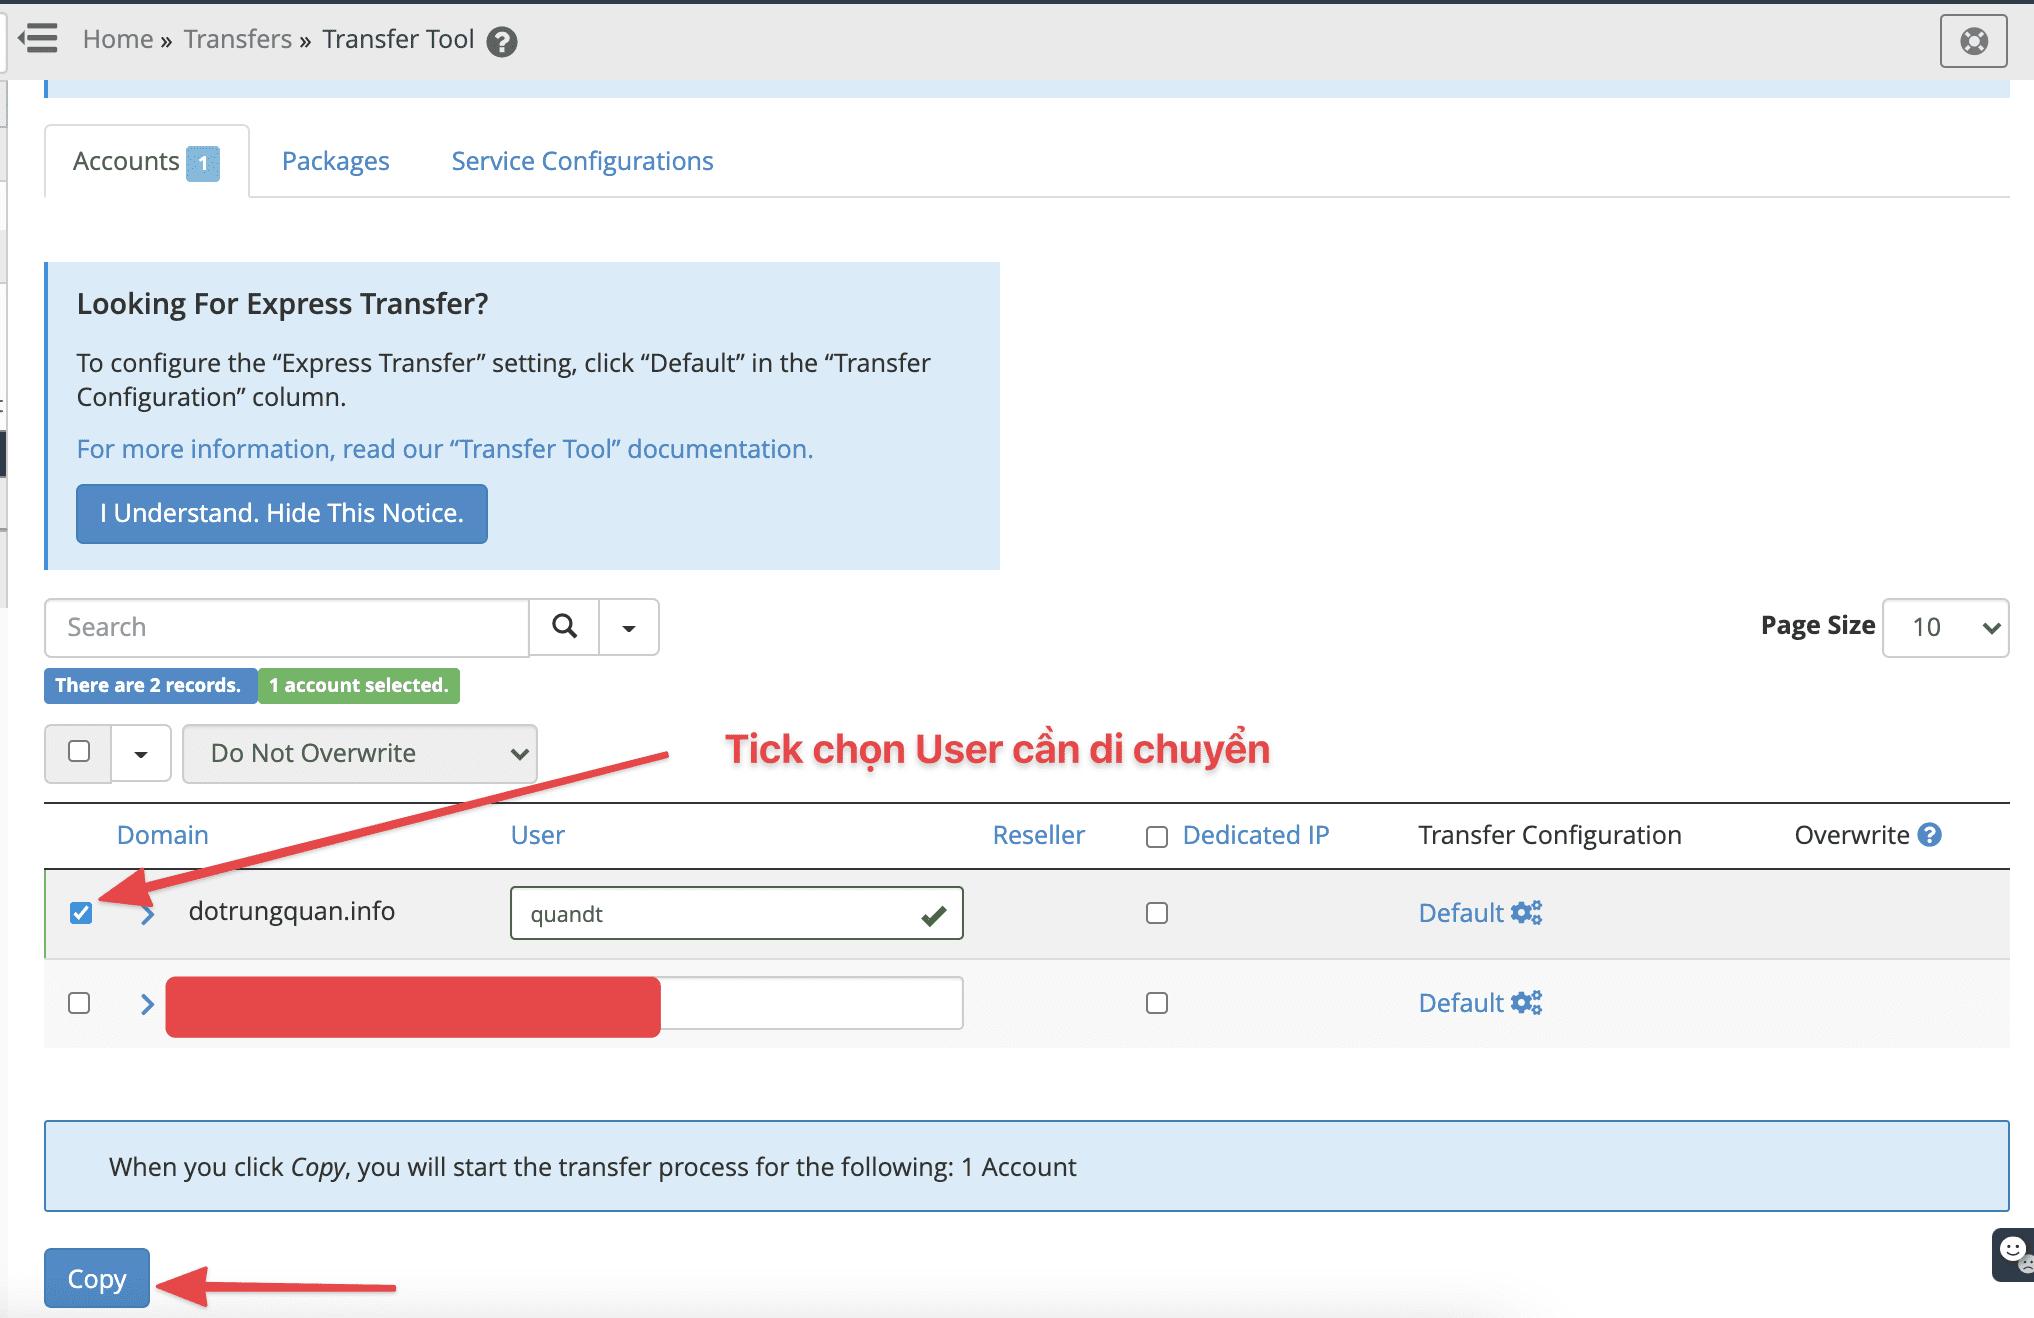 Hướng dẫn di chuyển DirectAdmin sang cPanel